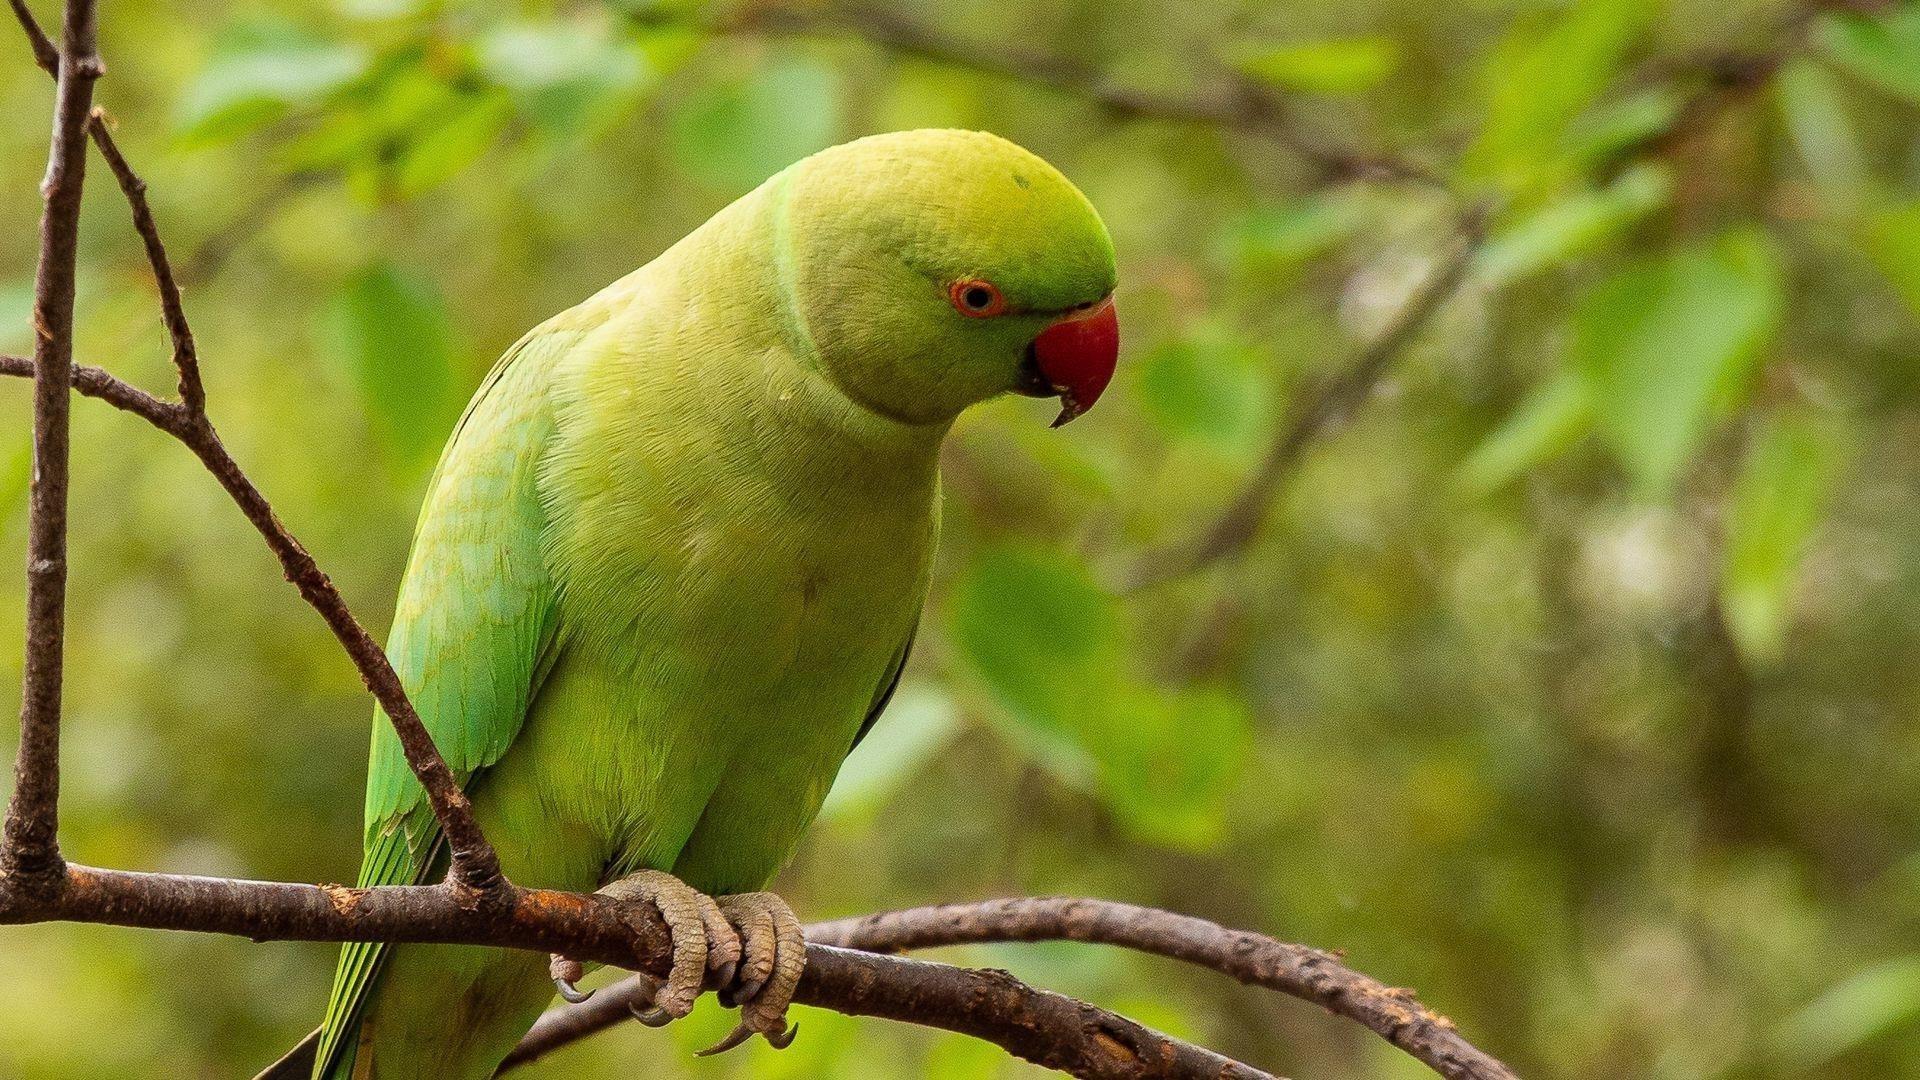 Зеленый попугай попугай сидит на ветке дерева в размытом зеленом фоне птицы обои скачать